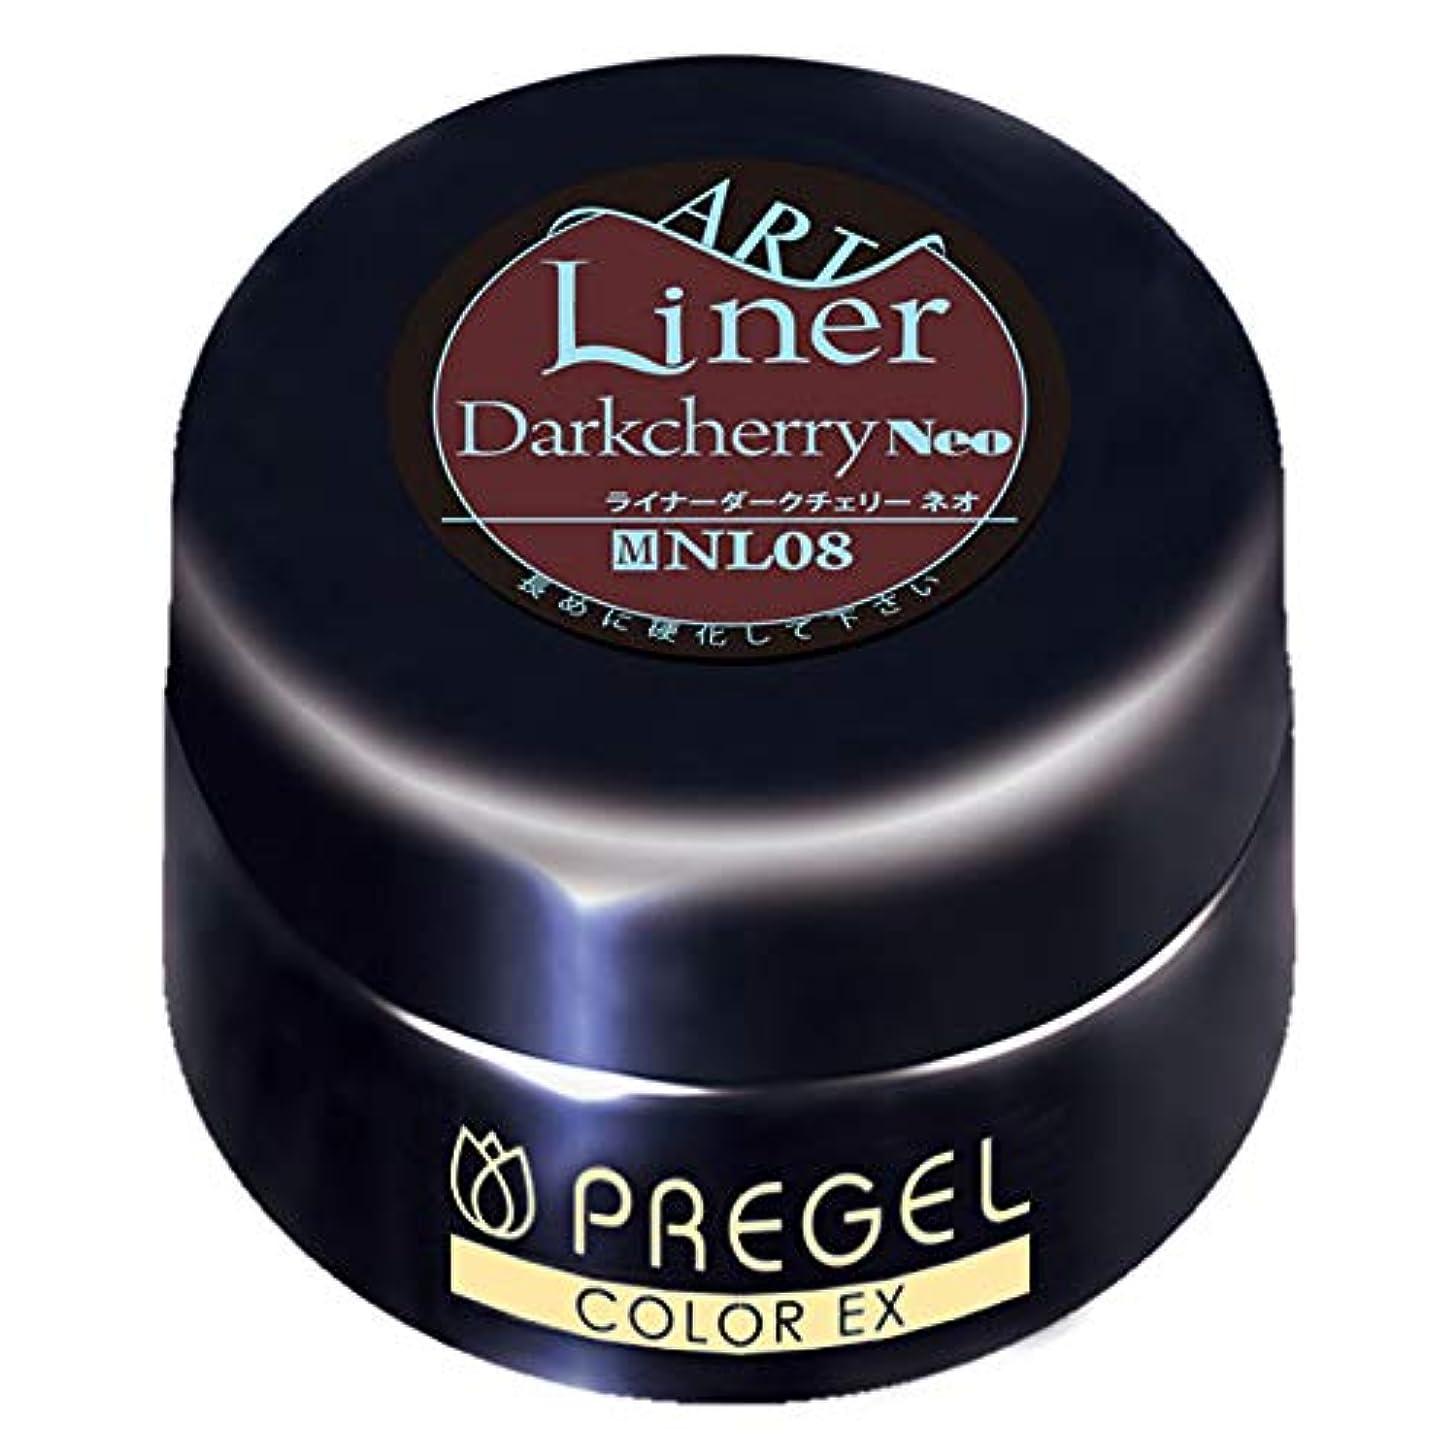 副産物好きである立法PRE GEL カラージェル カラーEX ライナーダークチェリーneo08 4g PG-CENL08 UV/LED対応